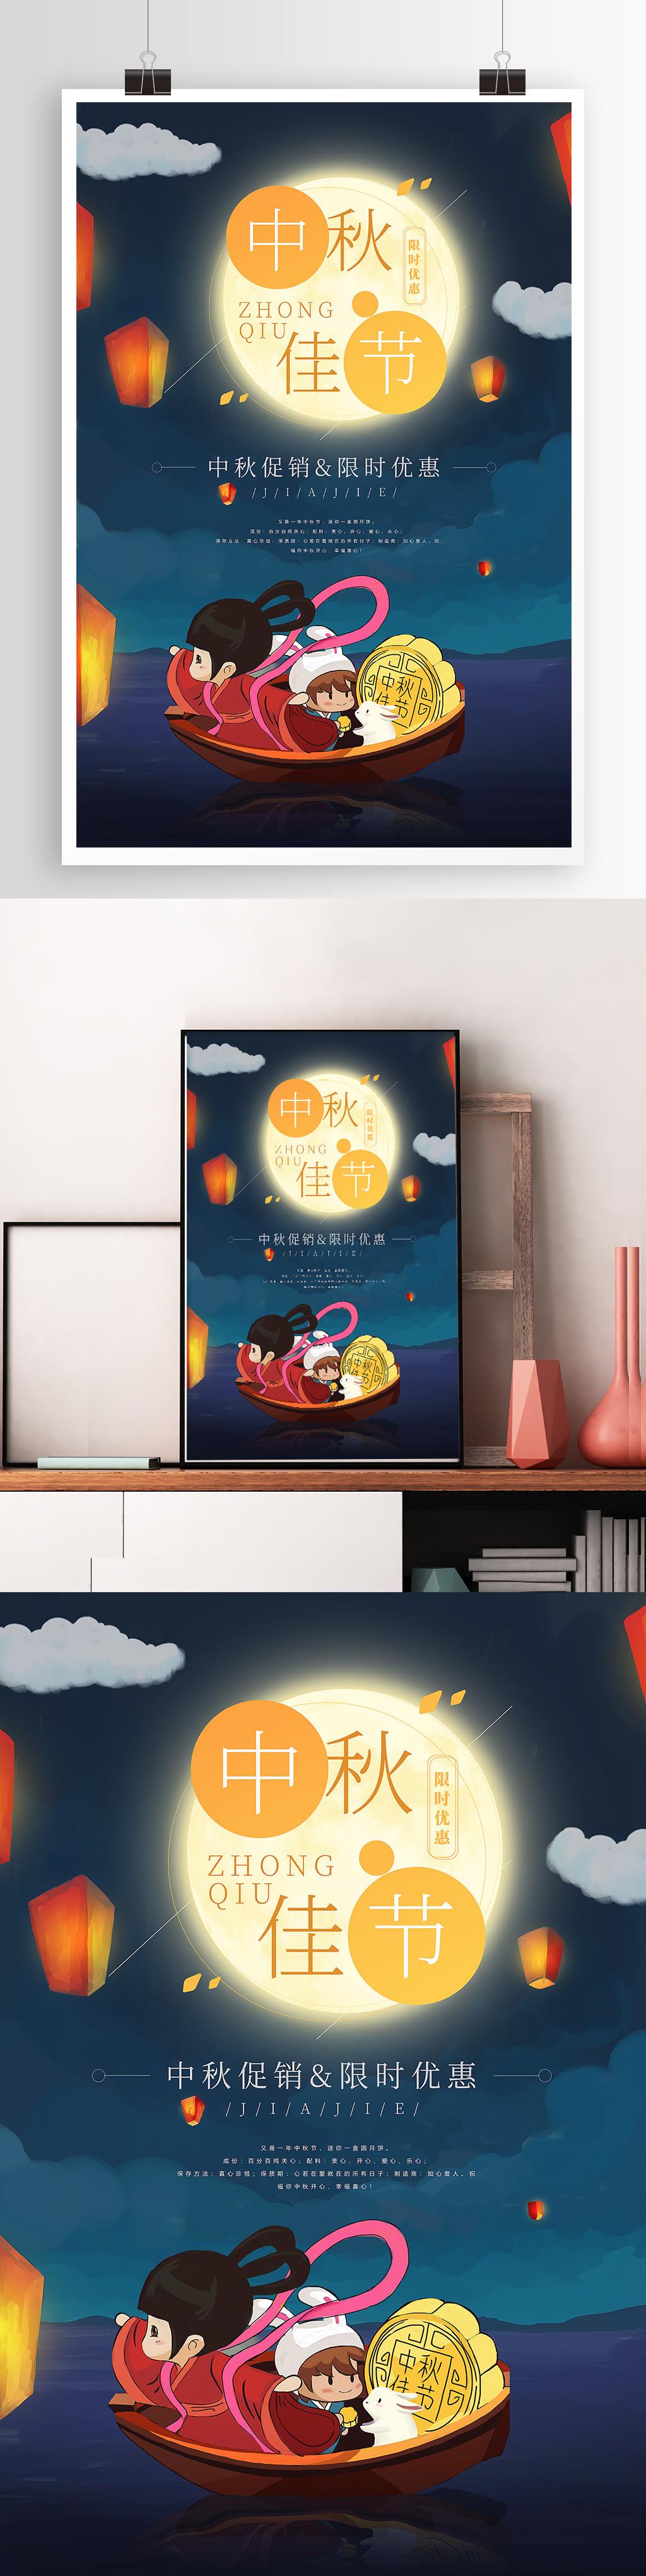 八月十五中秋佳节花好月圆活动海报 促销海报psd